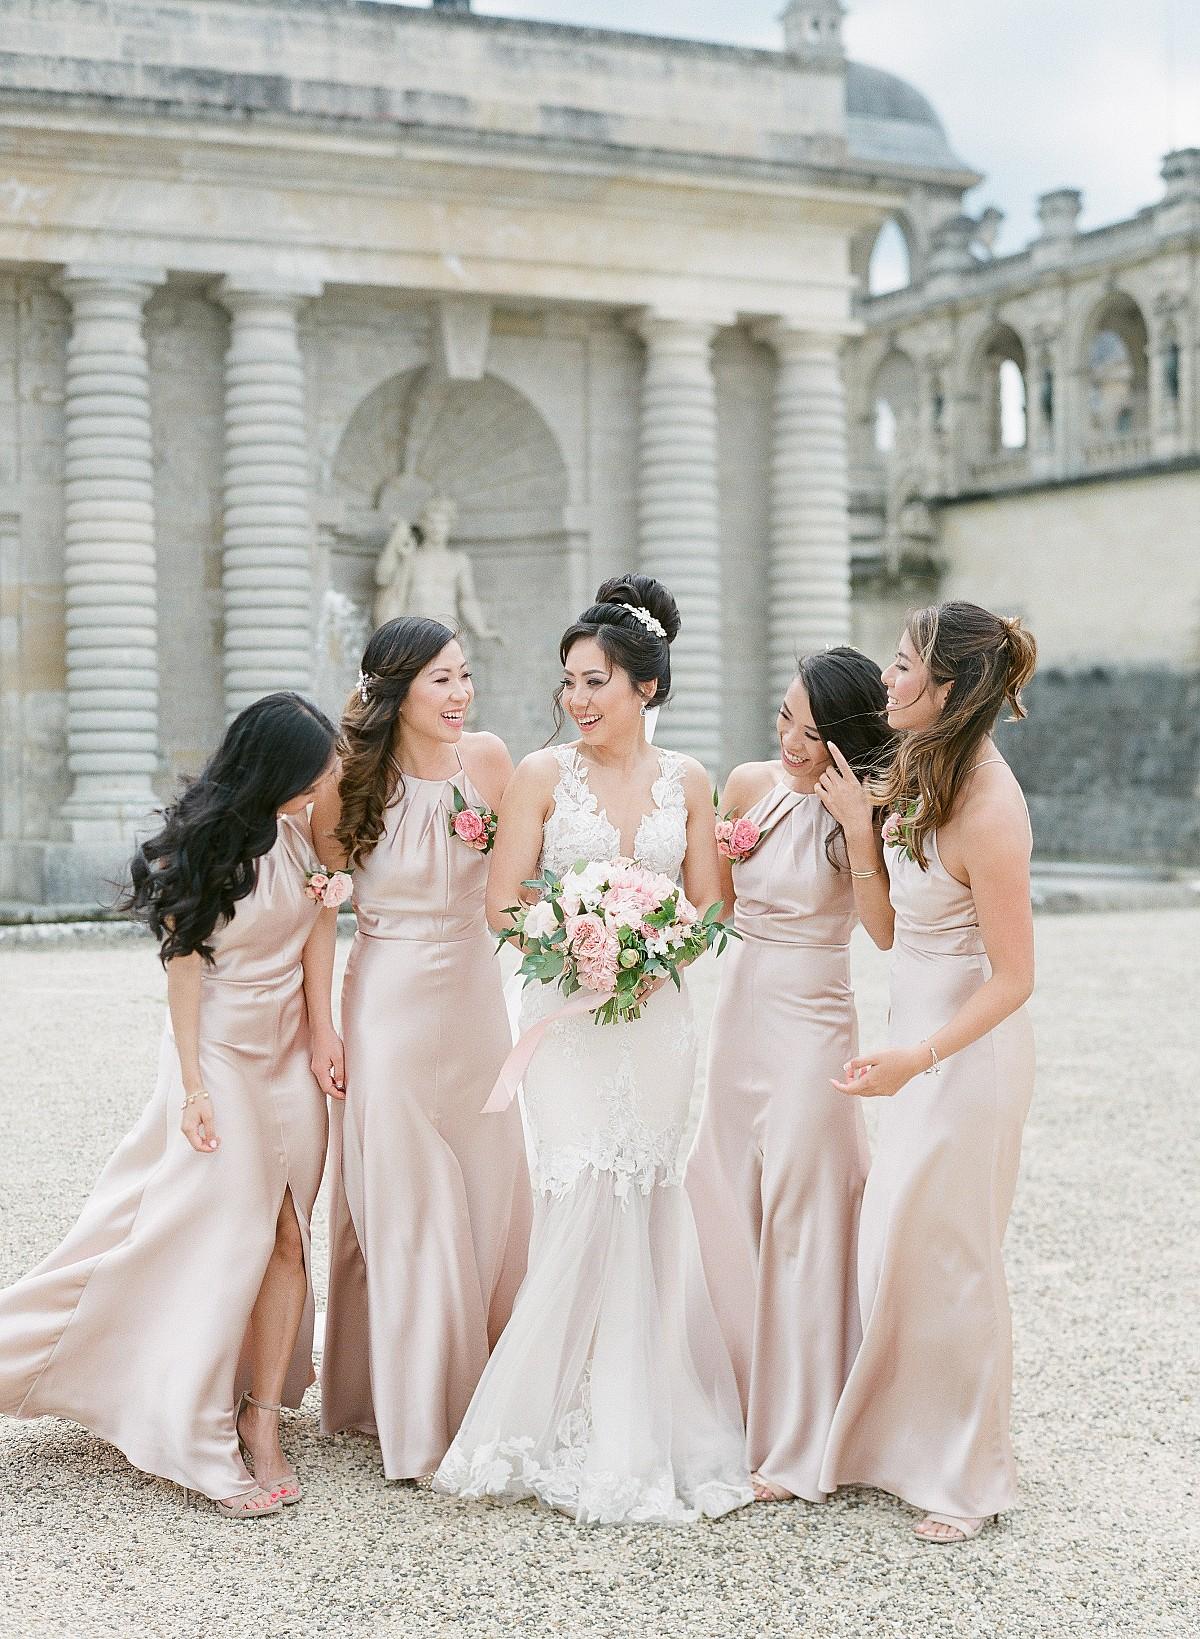 satin bridesmaids dresses